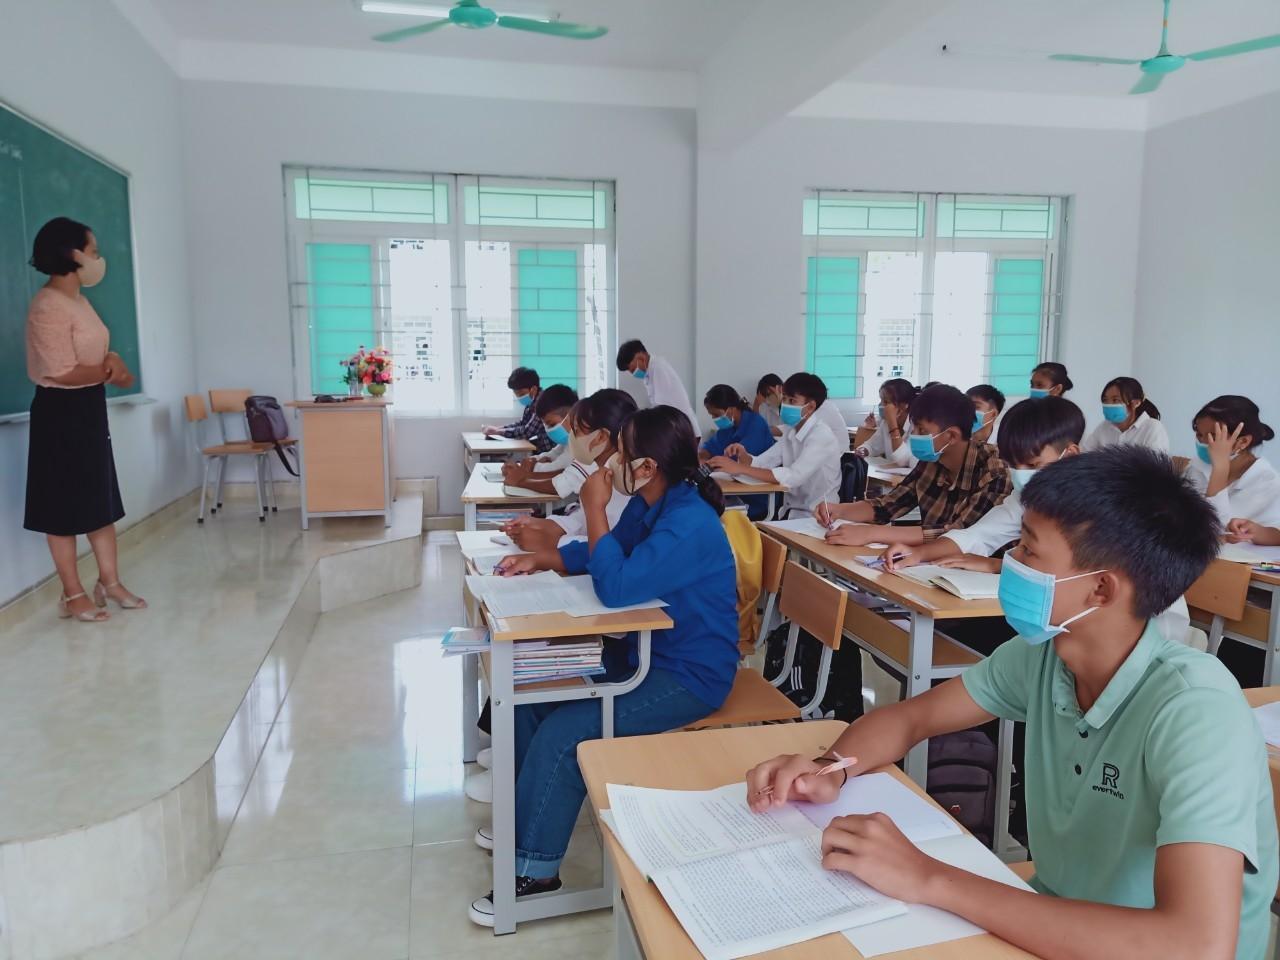 Trường PTDTNT huyện Nậm Nhùn đảm bảo an toàn phòng chống dịch trong nhà trường.